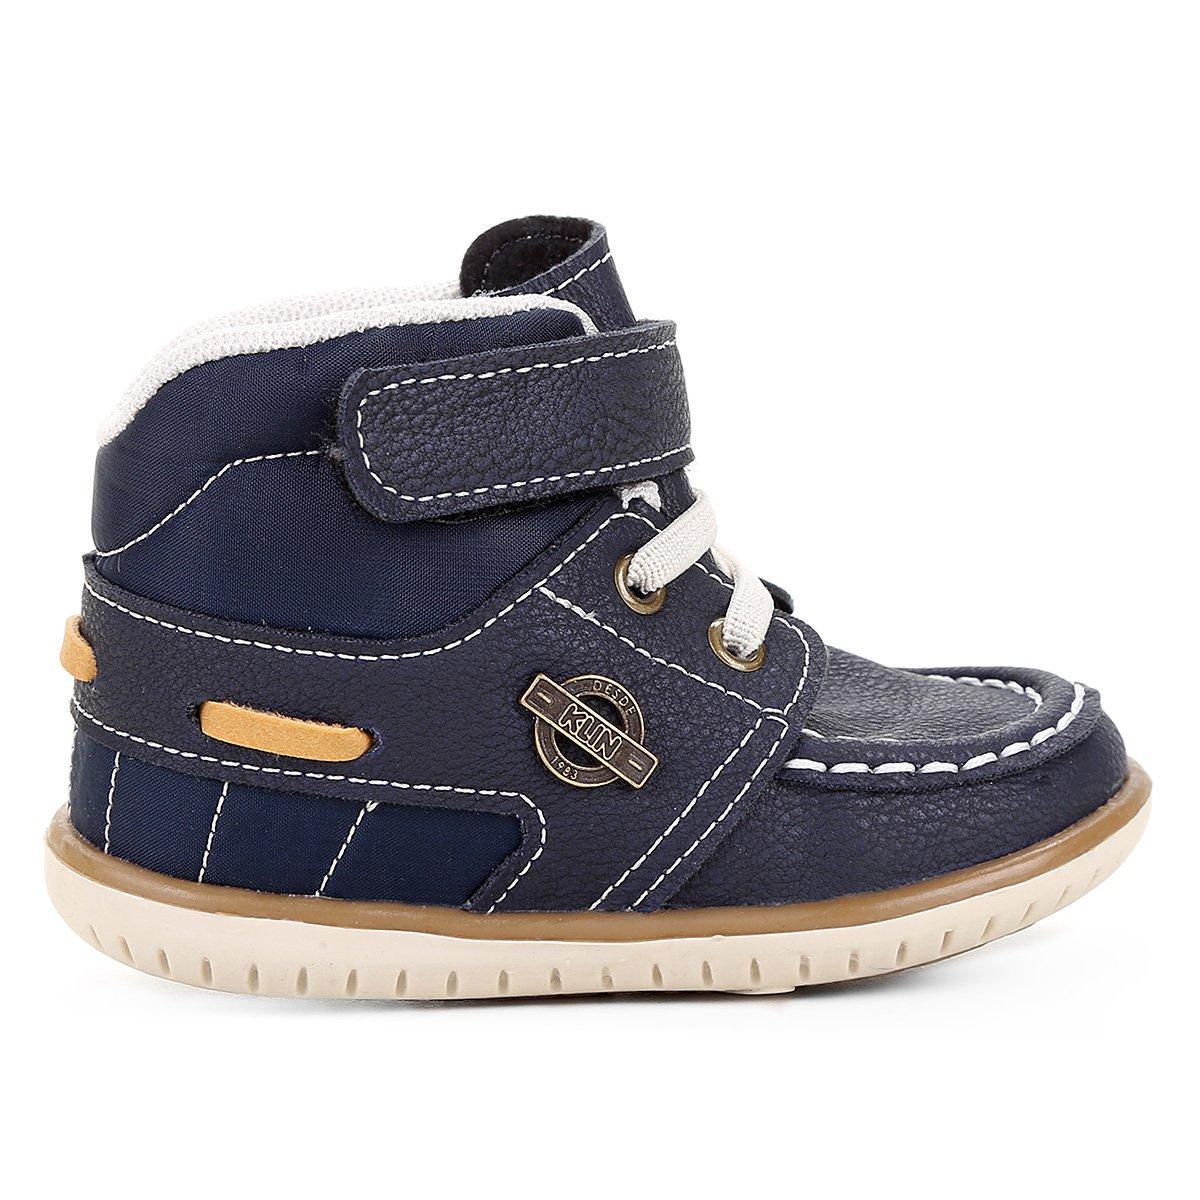 fbf5cd281 Sapato Infantil Klin Cravinho Cano Alto Masculino | Livelo -Sua Vida ...